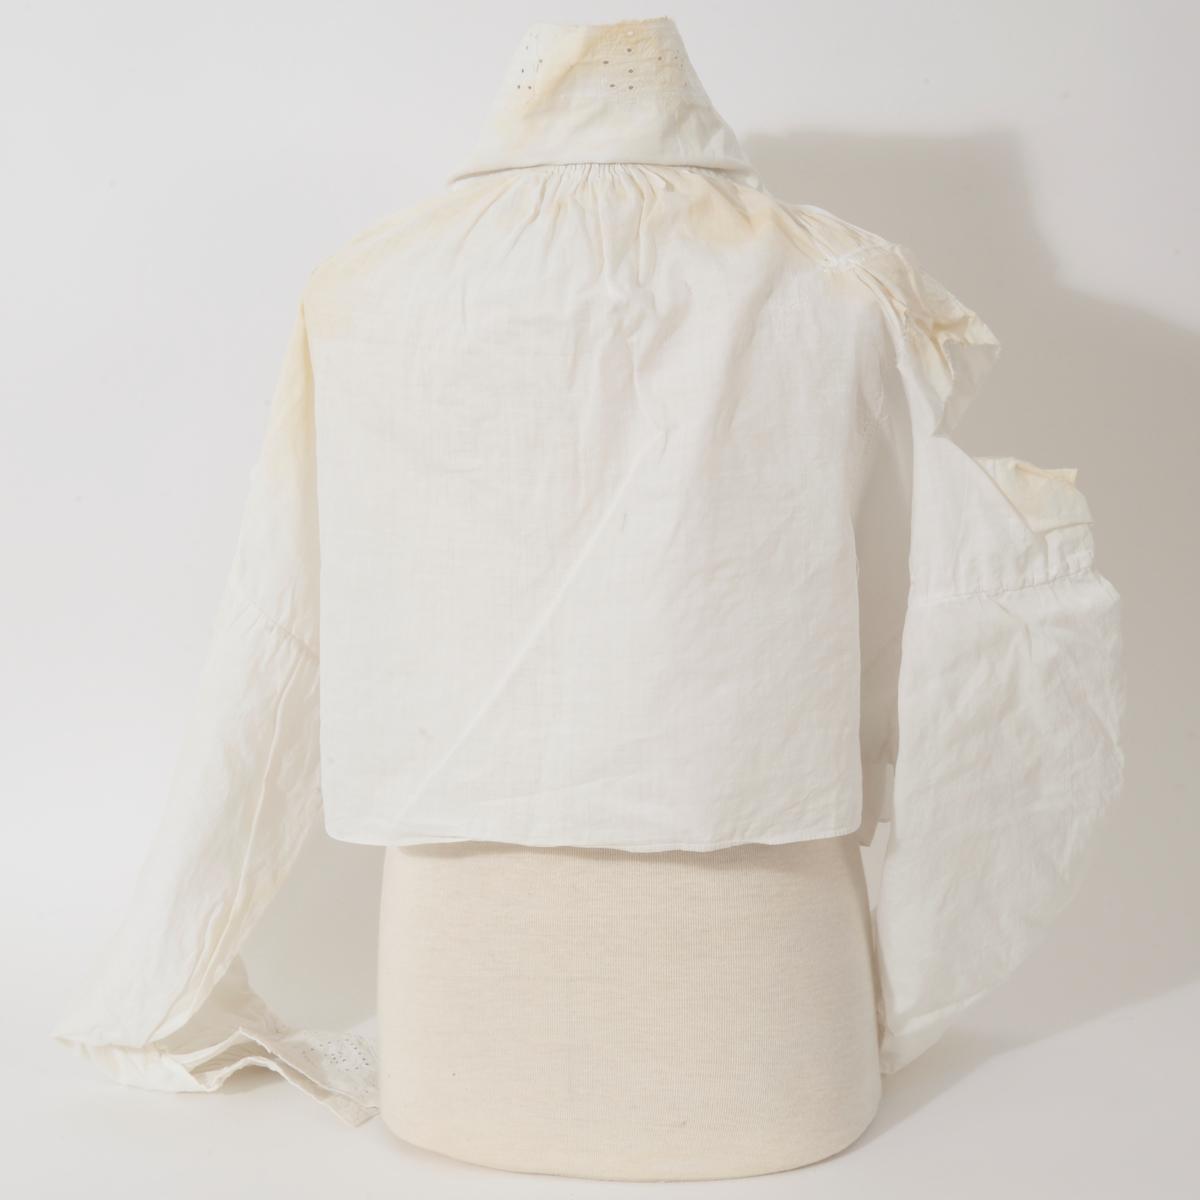 Skjorten er håndsydd med tett striping foran og midt bak, rundt halsåpning og på ermene. Krage med knapphull 3,75 cm med utvidelse, knapphull på mansjettene 2,2 cm med utvidelse. Skjorten er meget tynnslitt og stoppet/reparert flere steder.